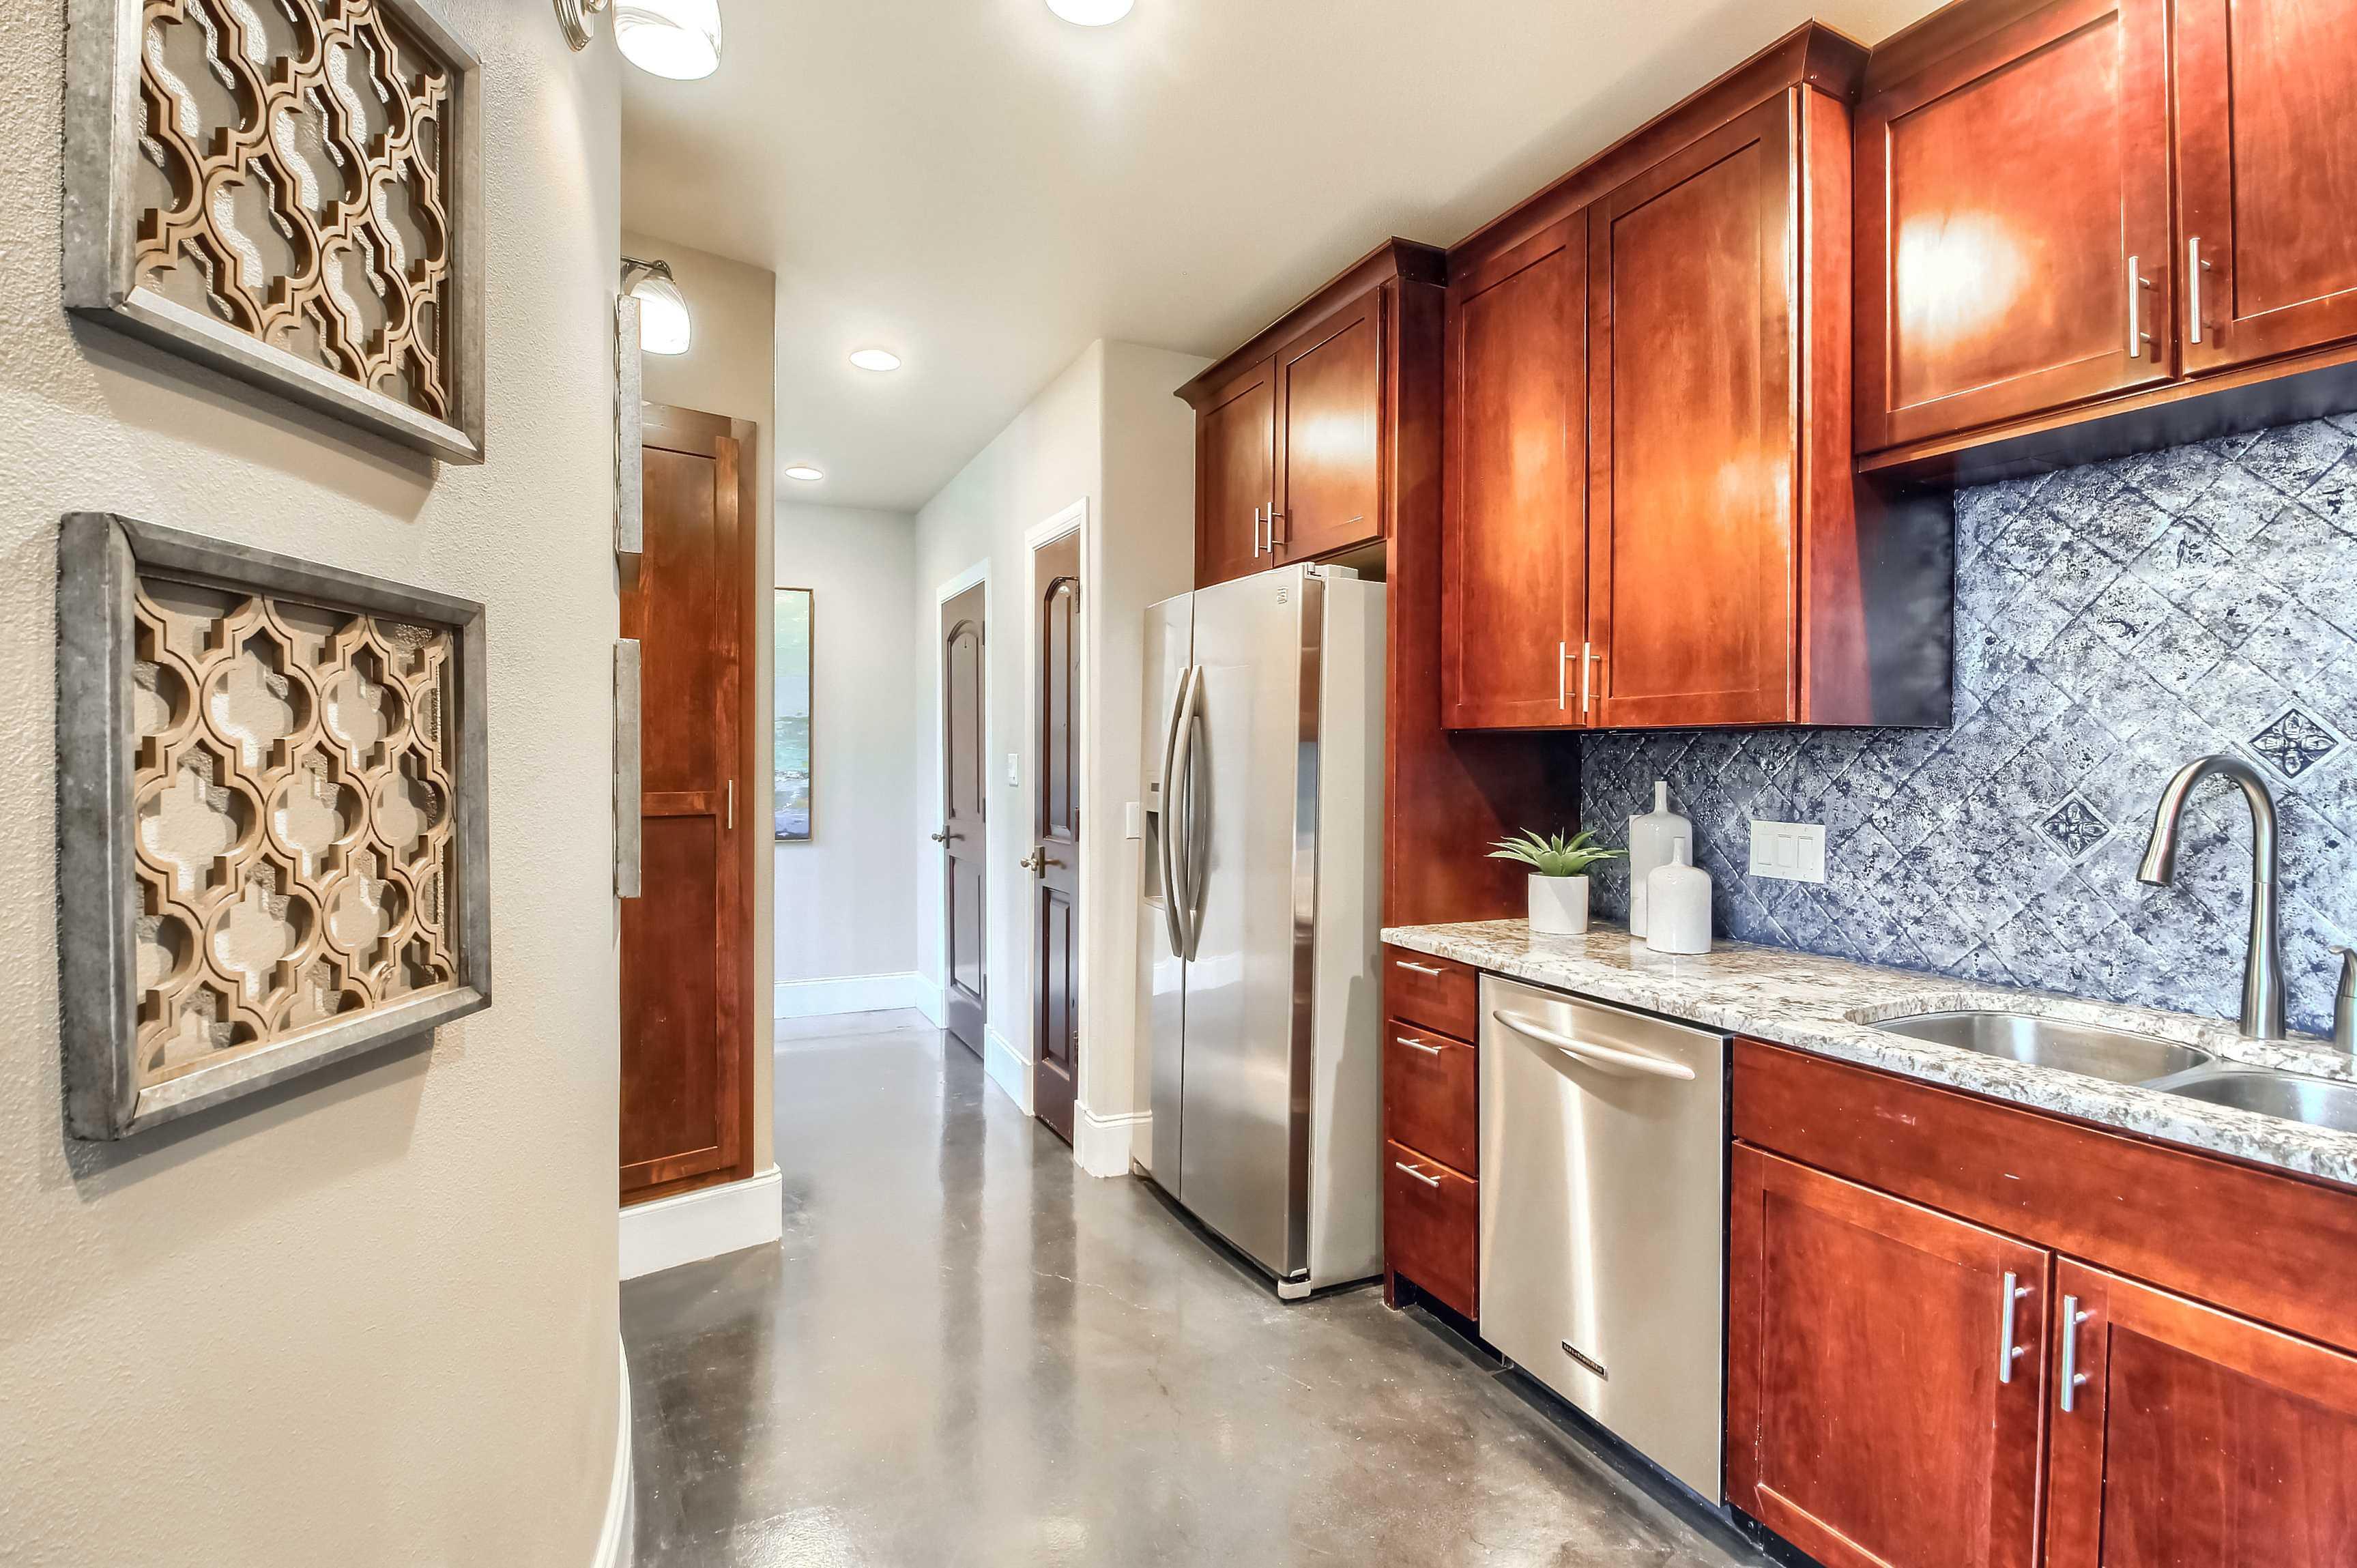 Austin TX condo for sale